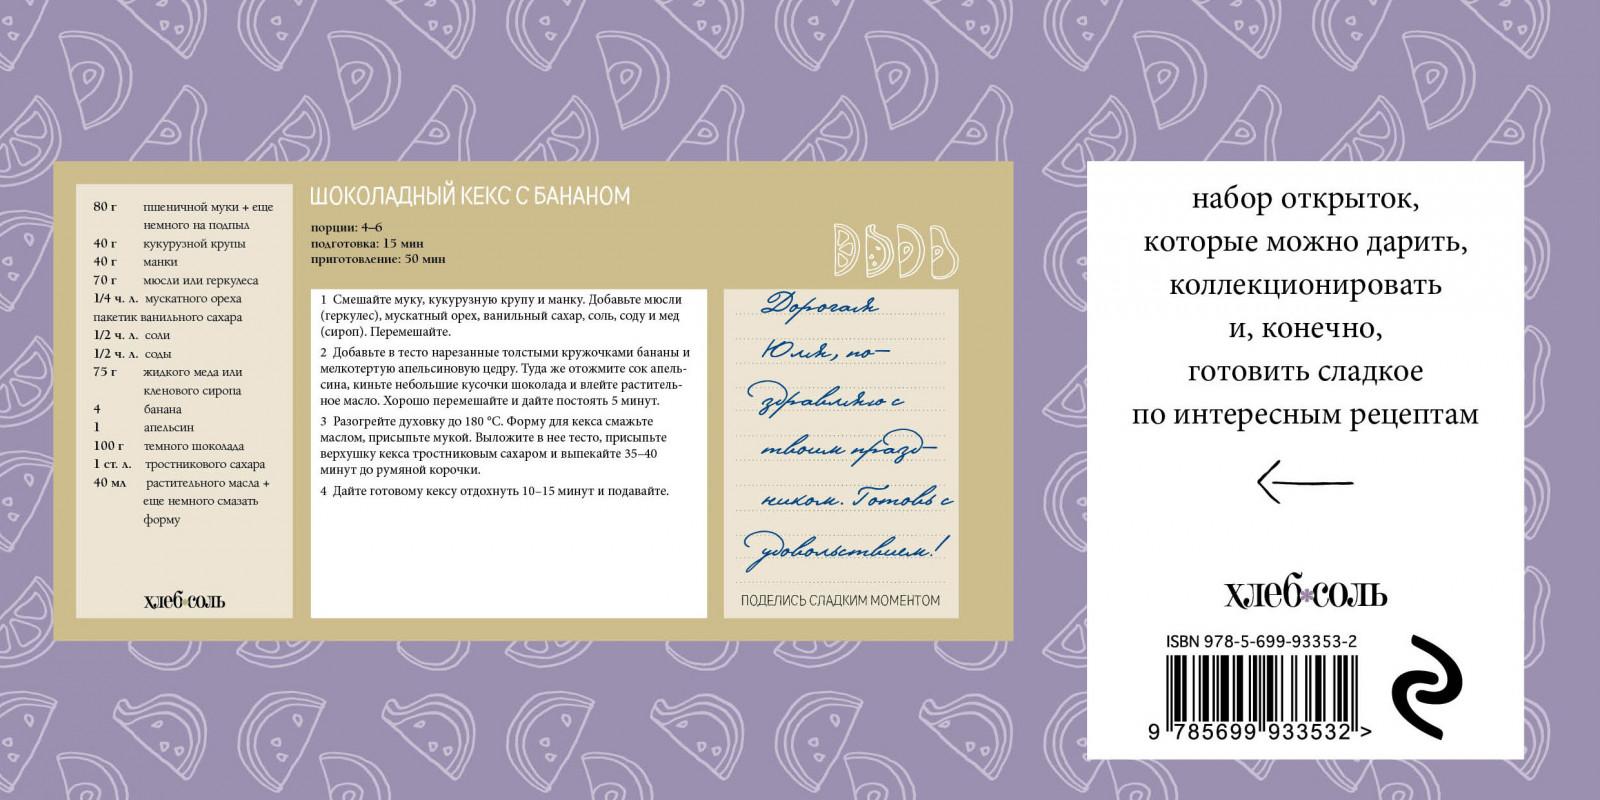 Смешные личный, сладкая жизнь набор открыток с рецептами малина